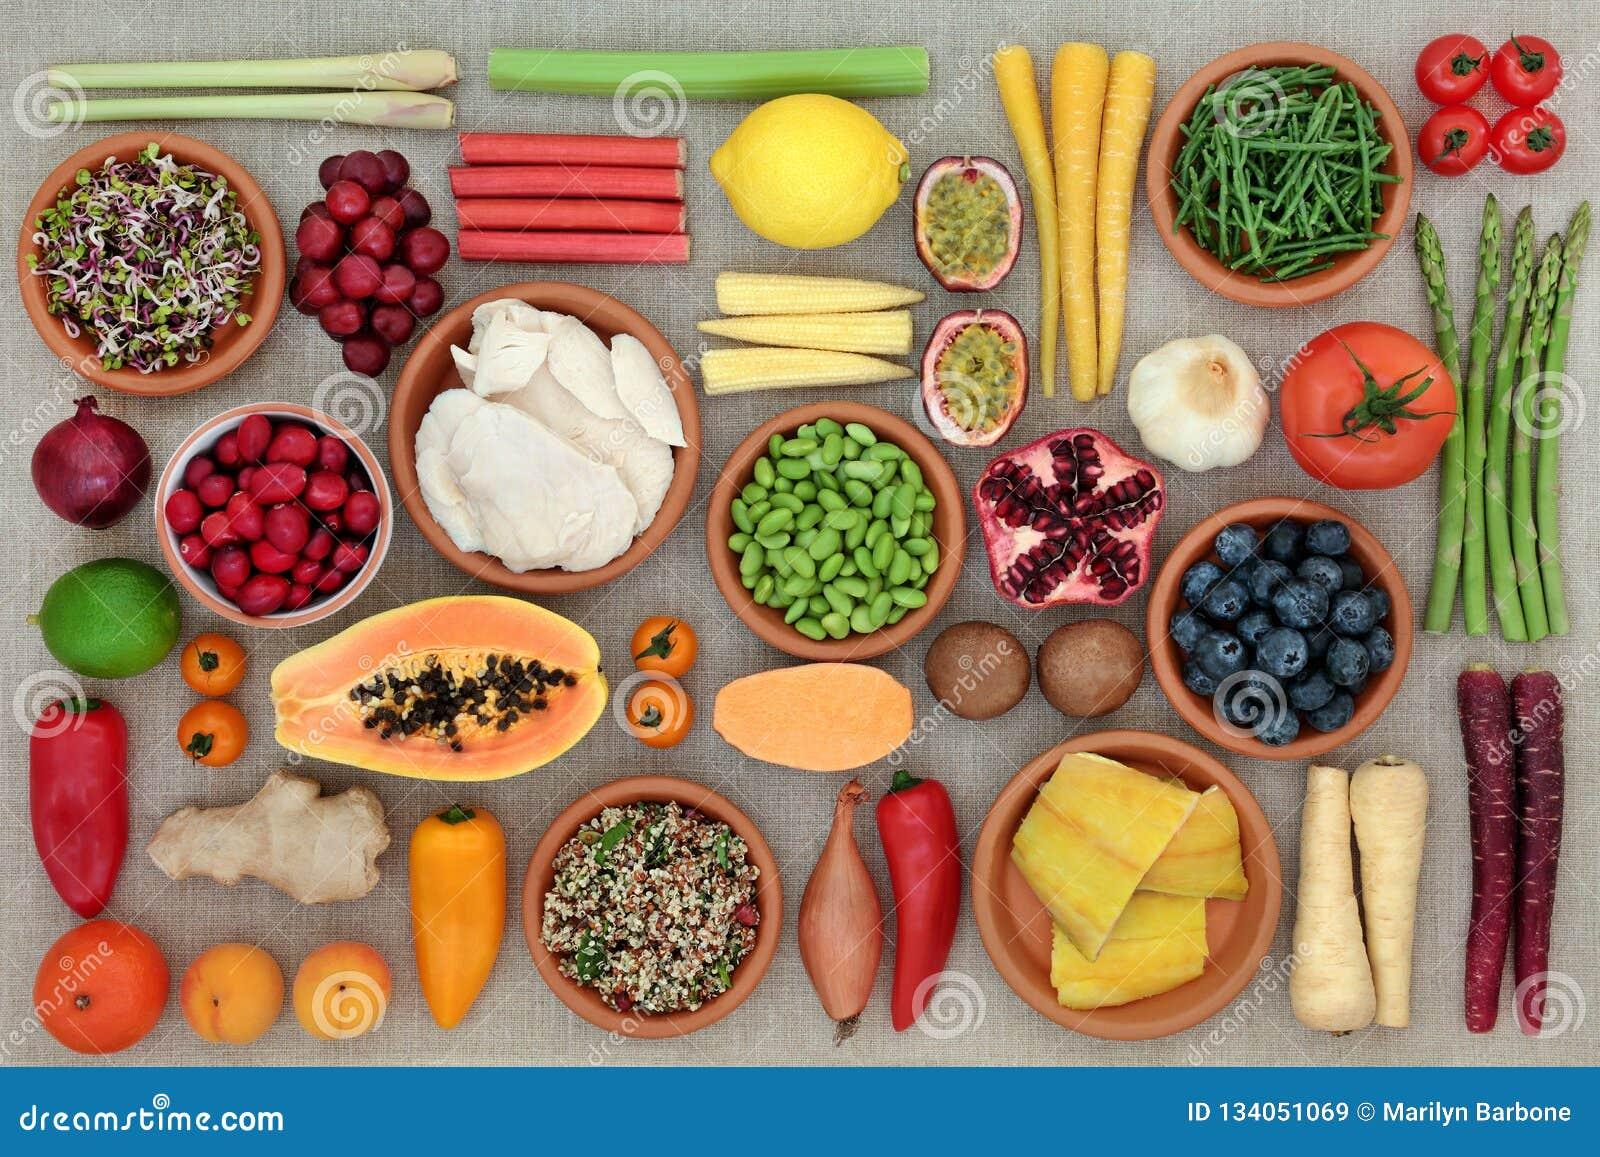 Супер еда для фитнеса